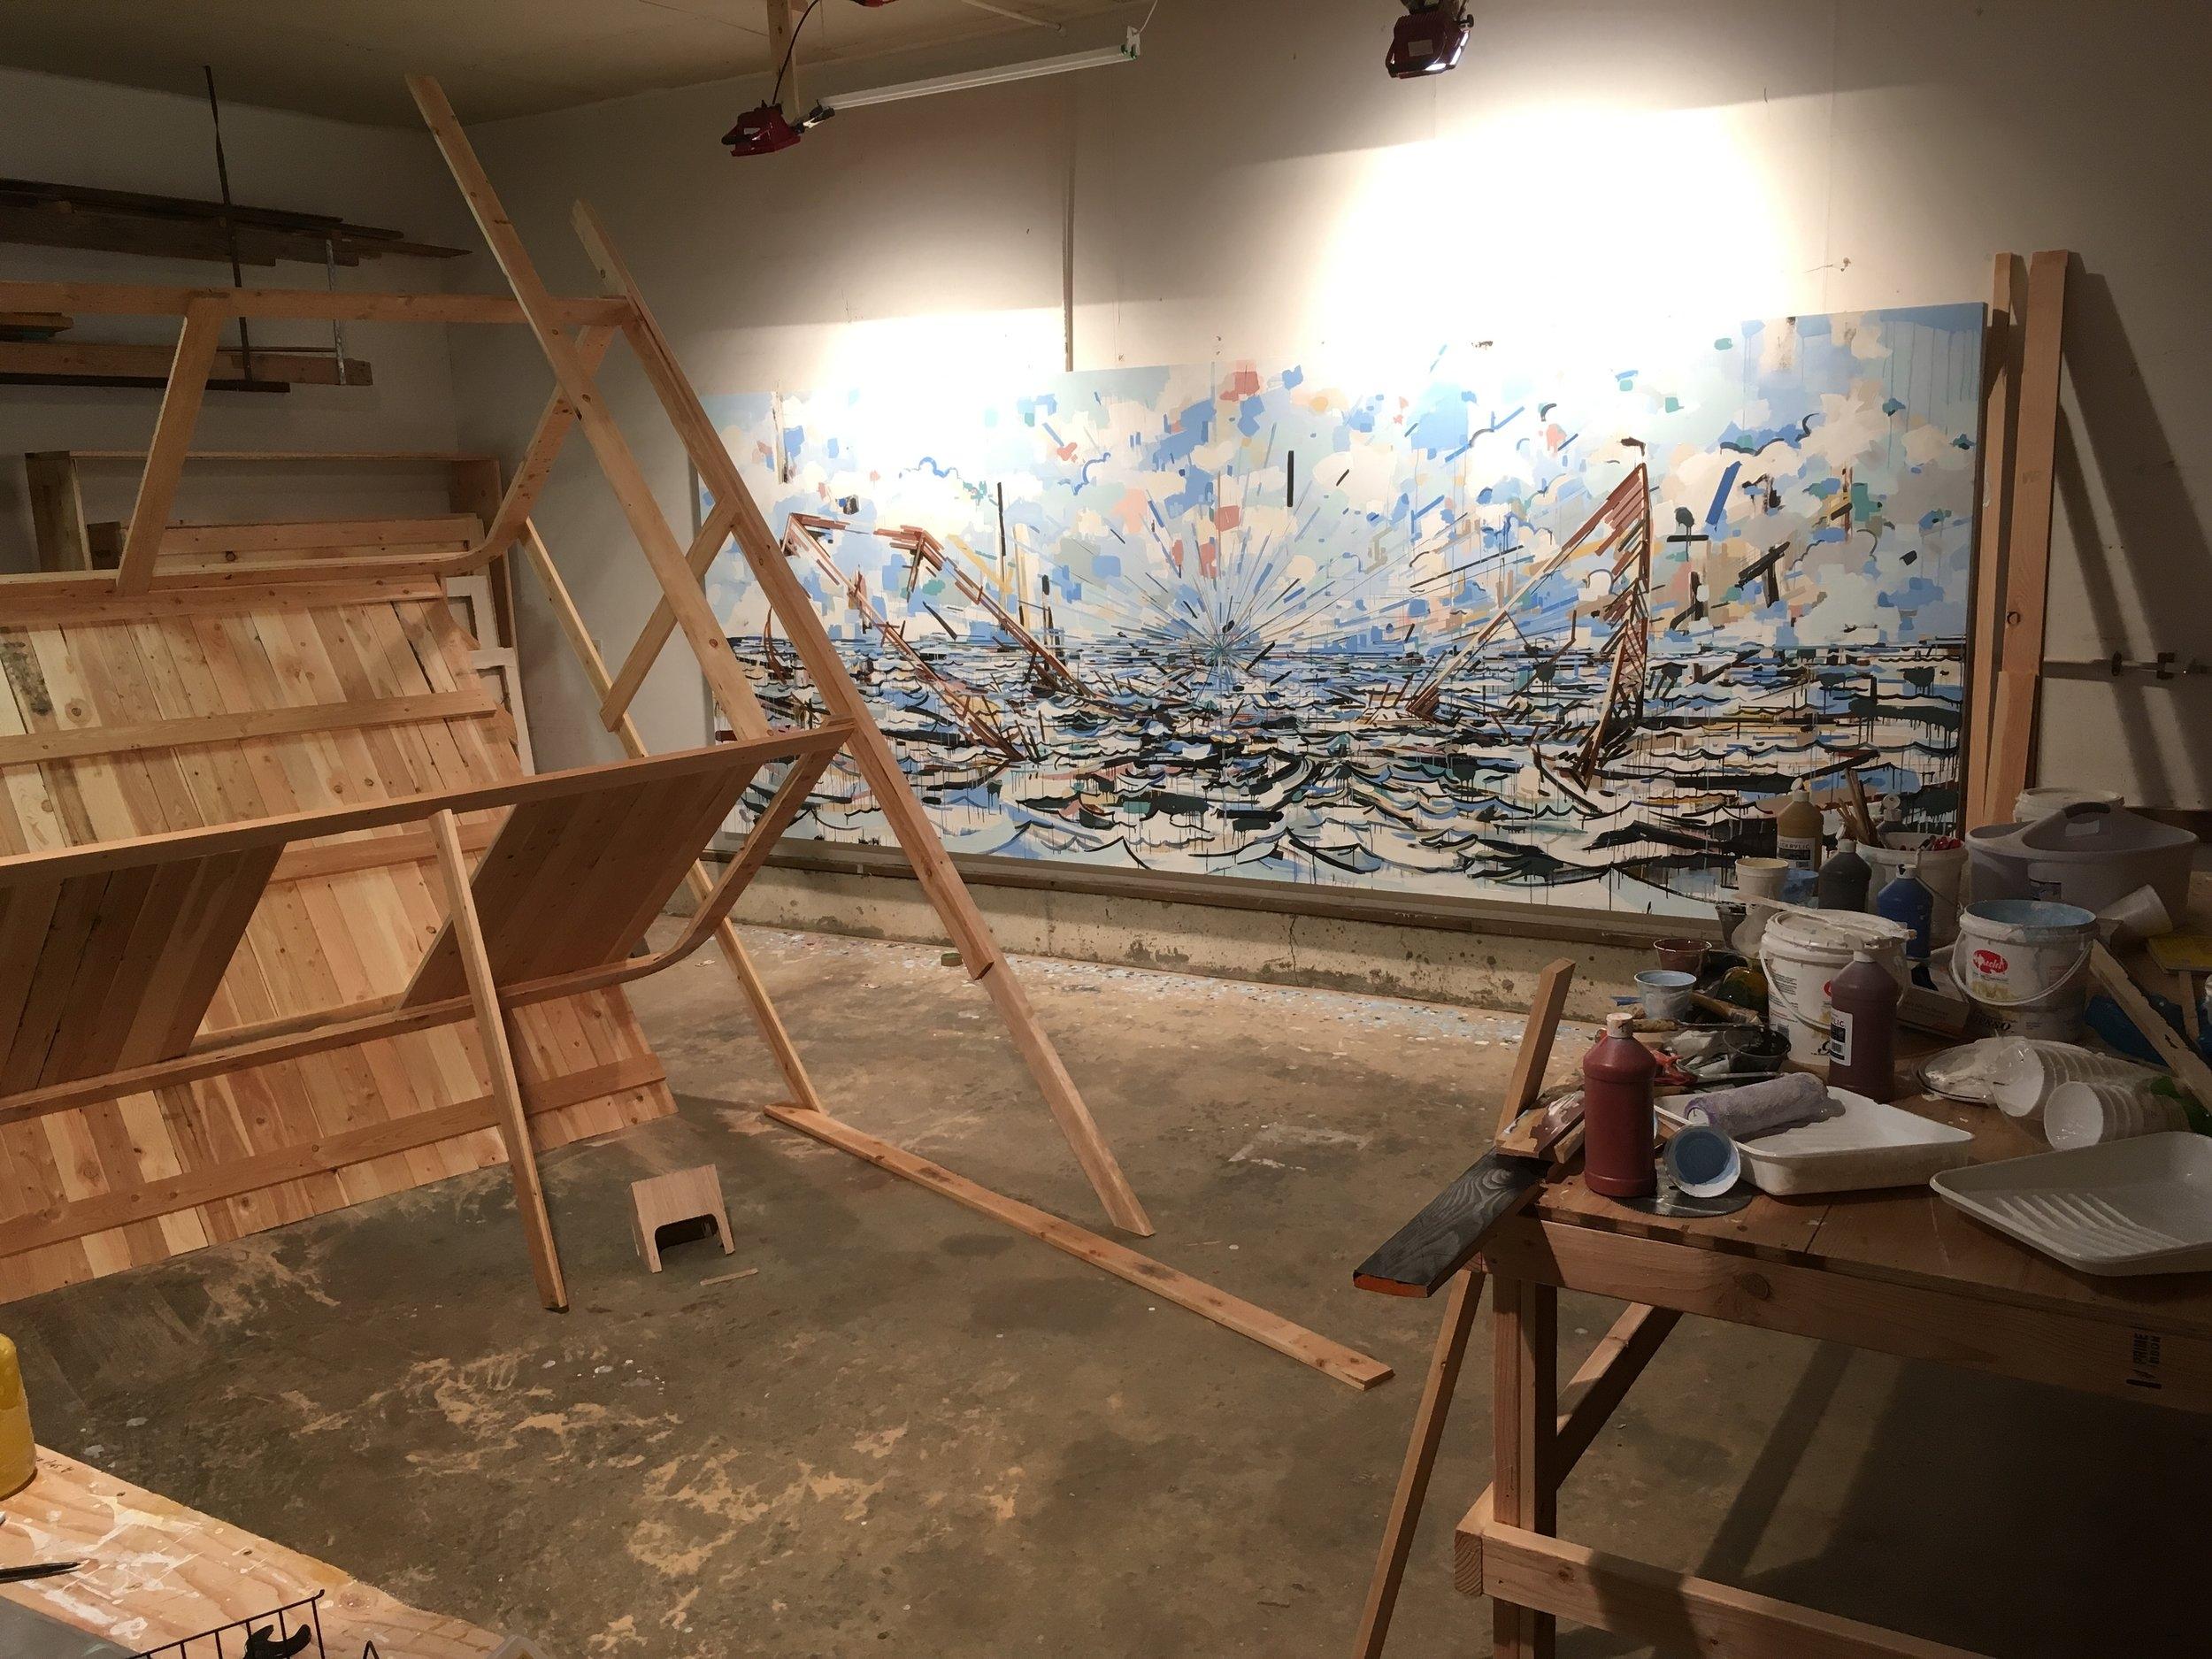 Works in progress in the studio.